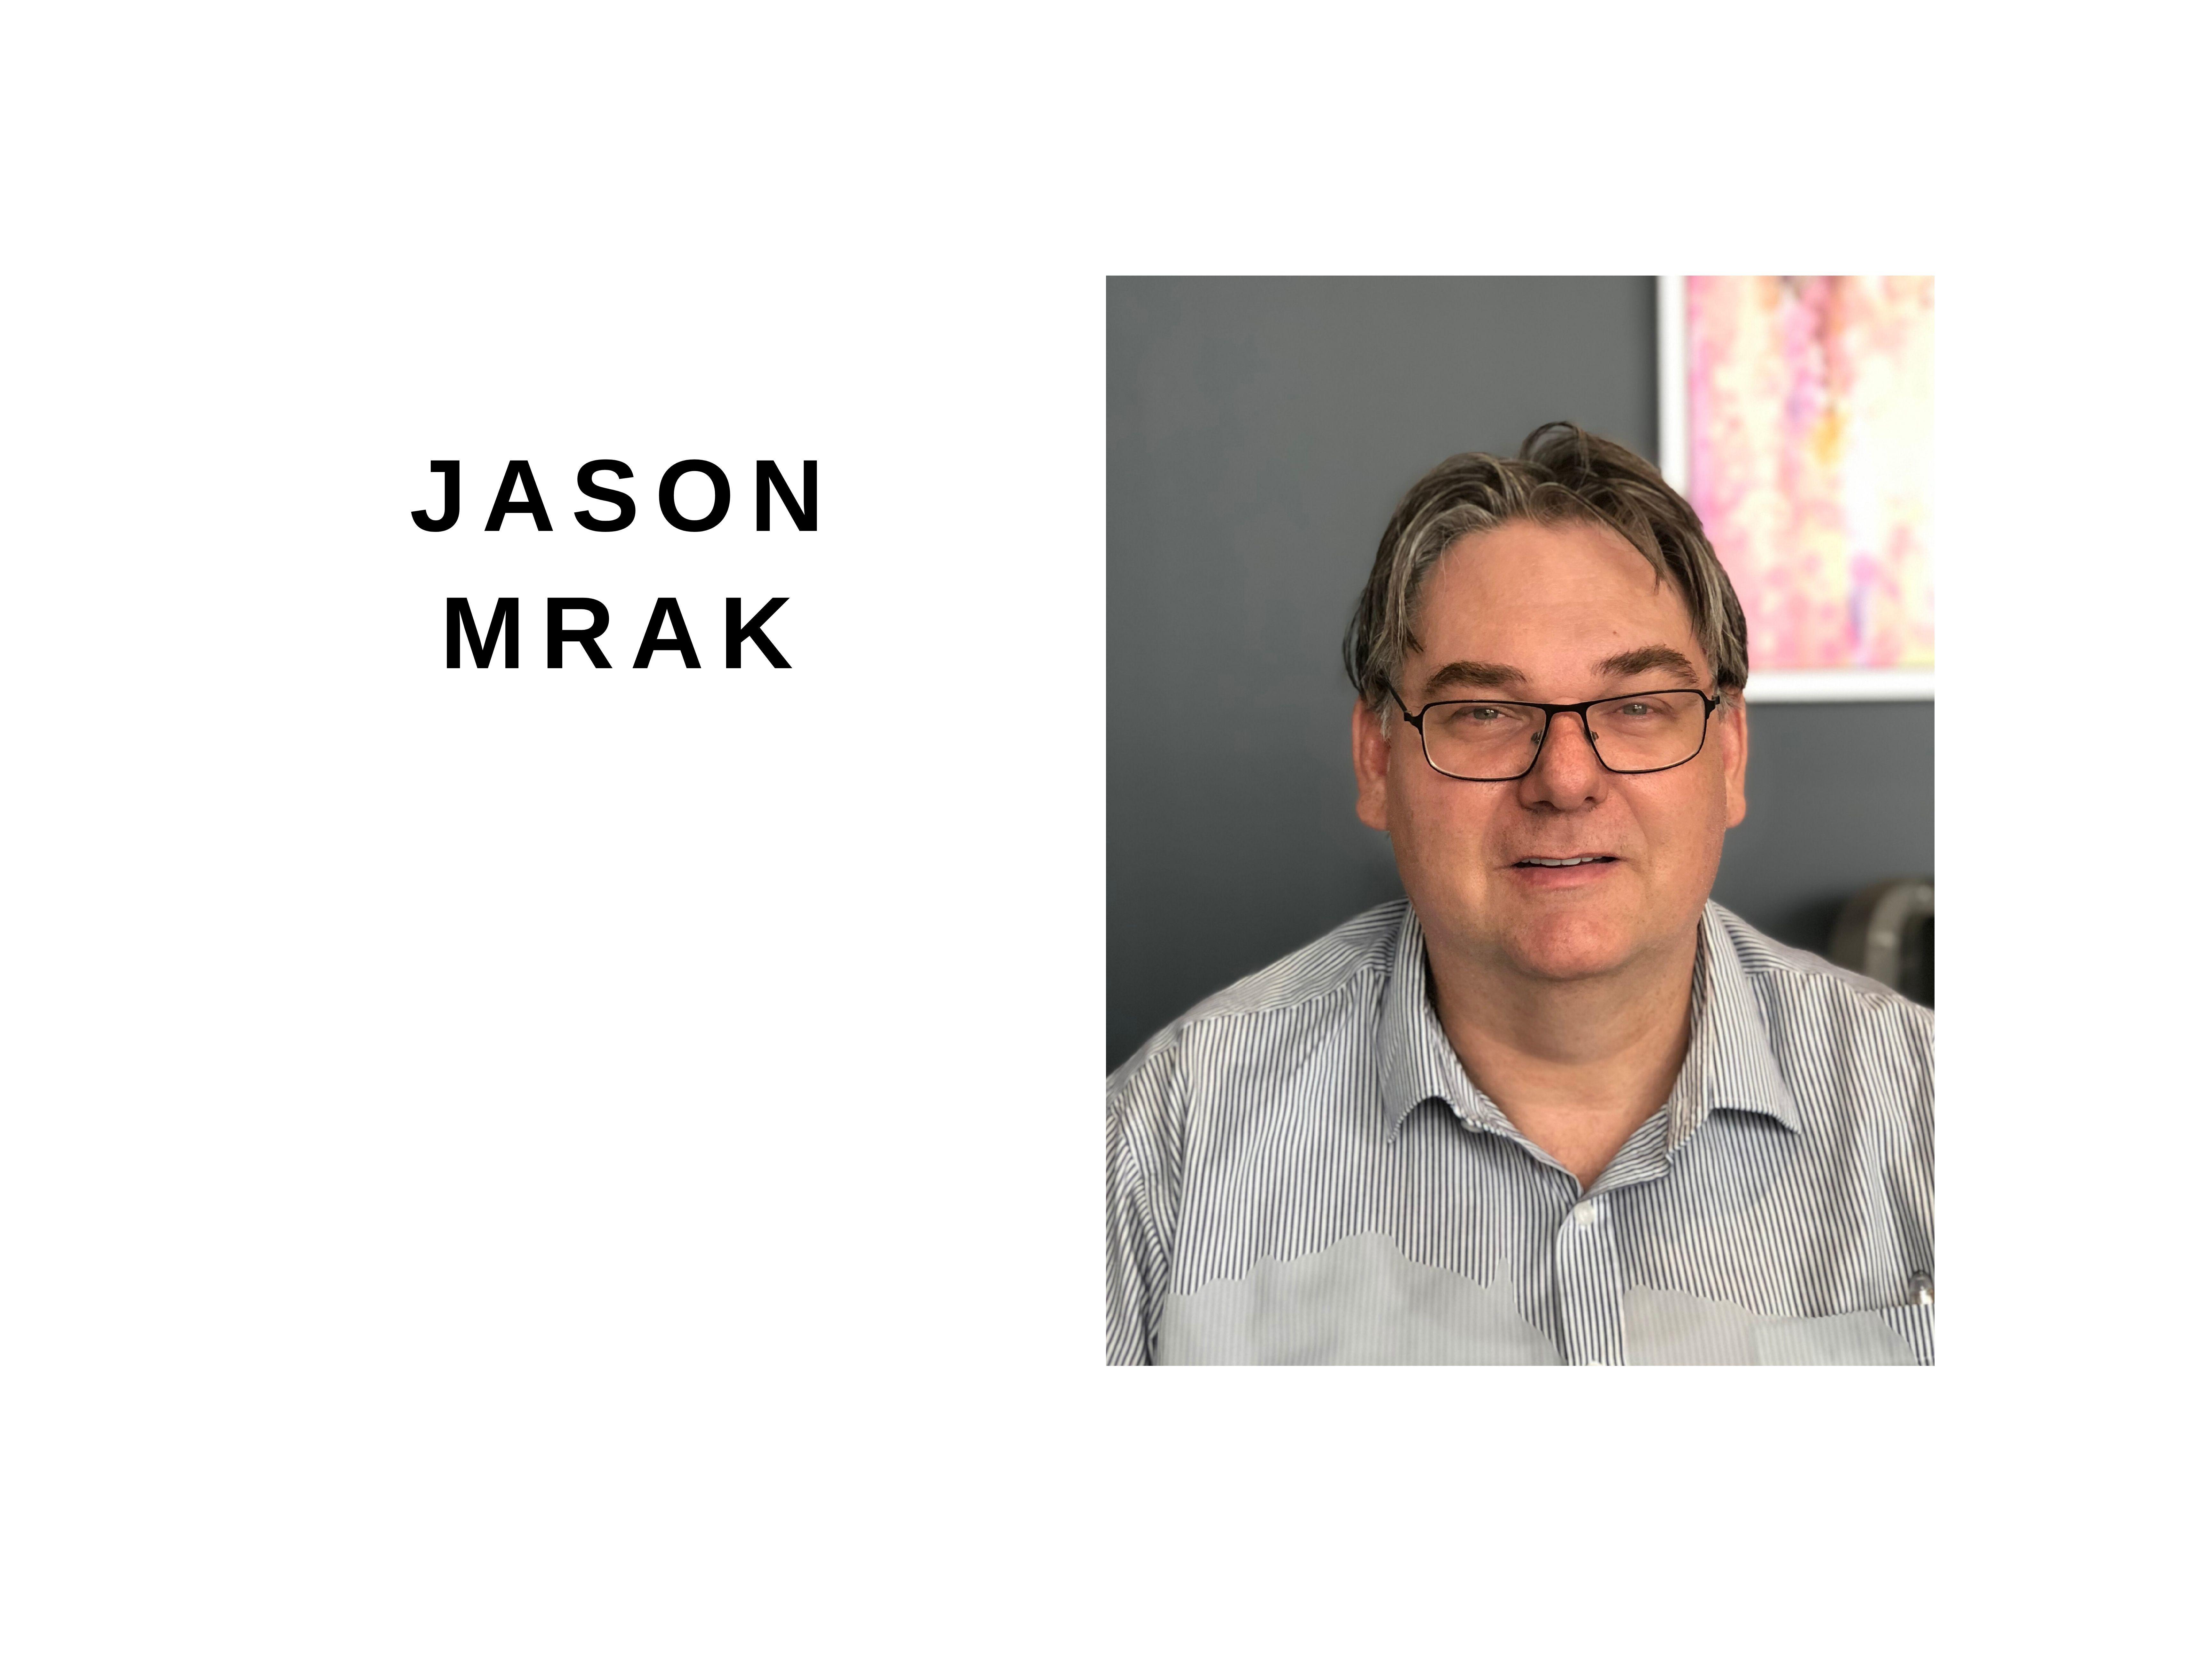 Jason Mrak